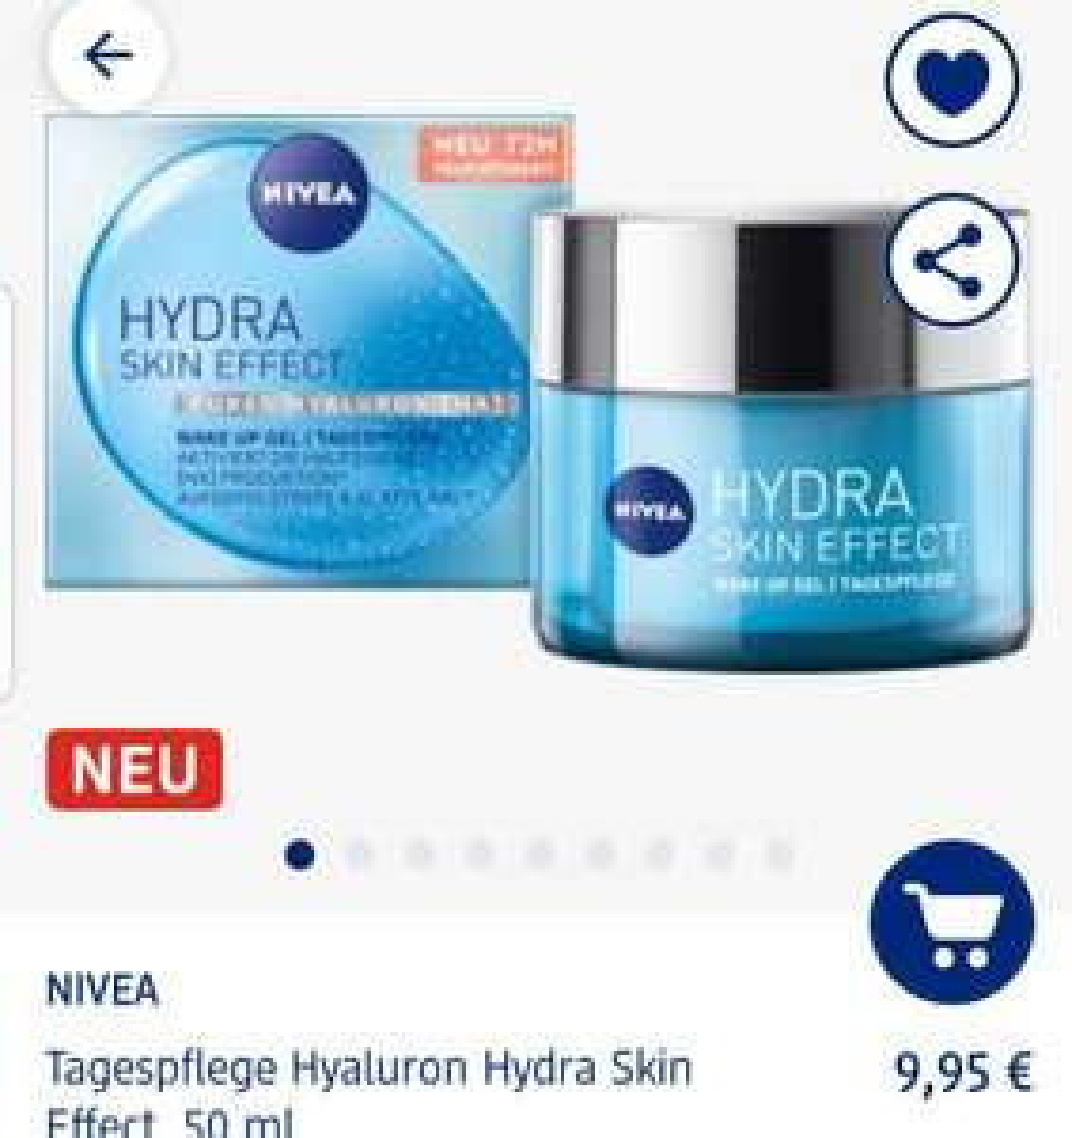 [Dm] Nivea hyaluron Tagespflege kaufen Hyaluron Tagespflege gratis dazu, Kombi mit 20fach Payback und 33fach auf Gesicht ca.4,43 zusammen